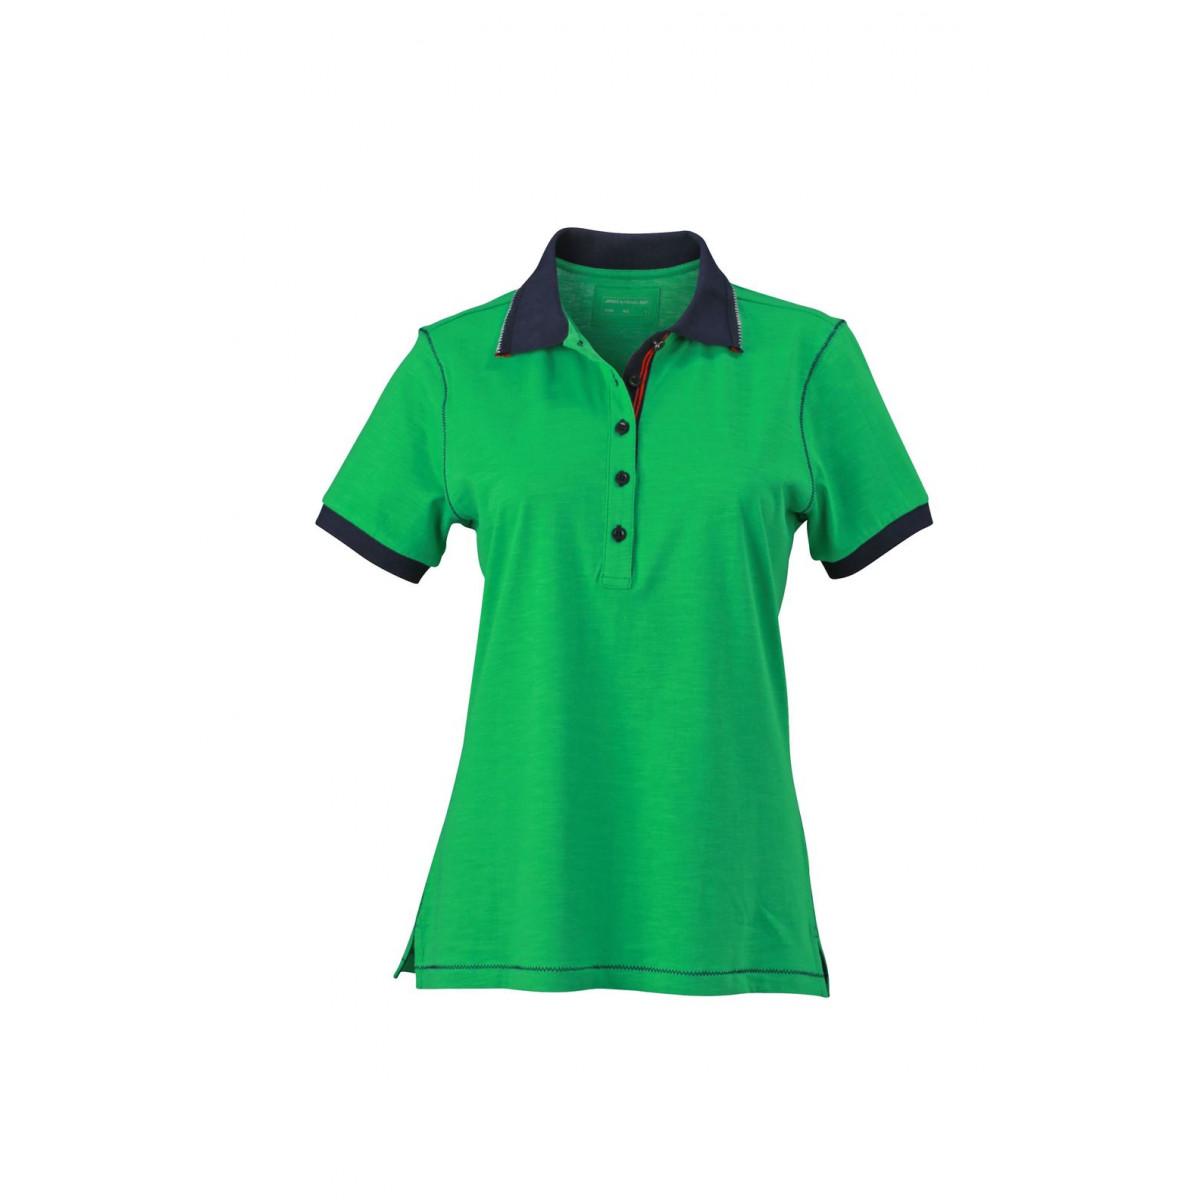 Рубашка поло женская JN979 Ladies Urban Polo - Насыщенный зеленый/Темно-синий